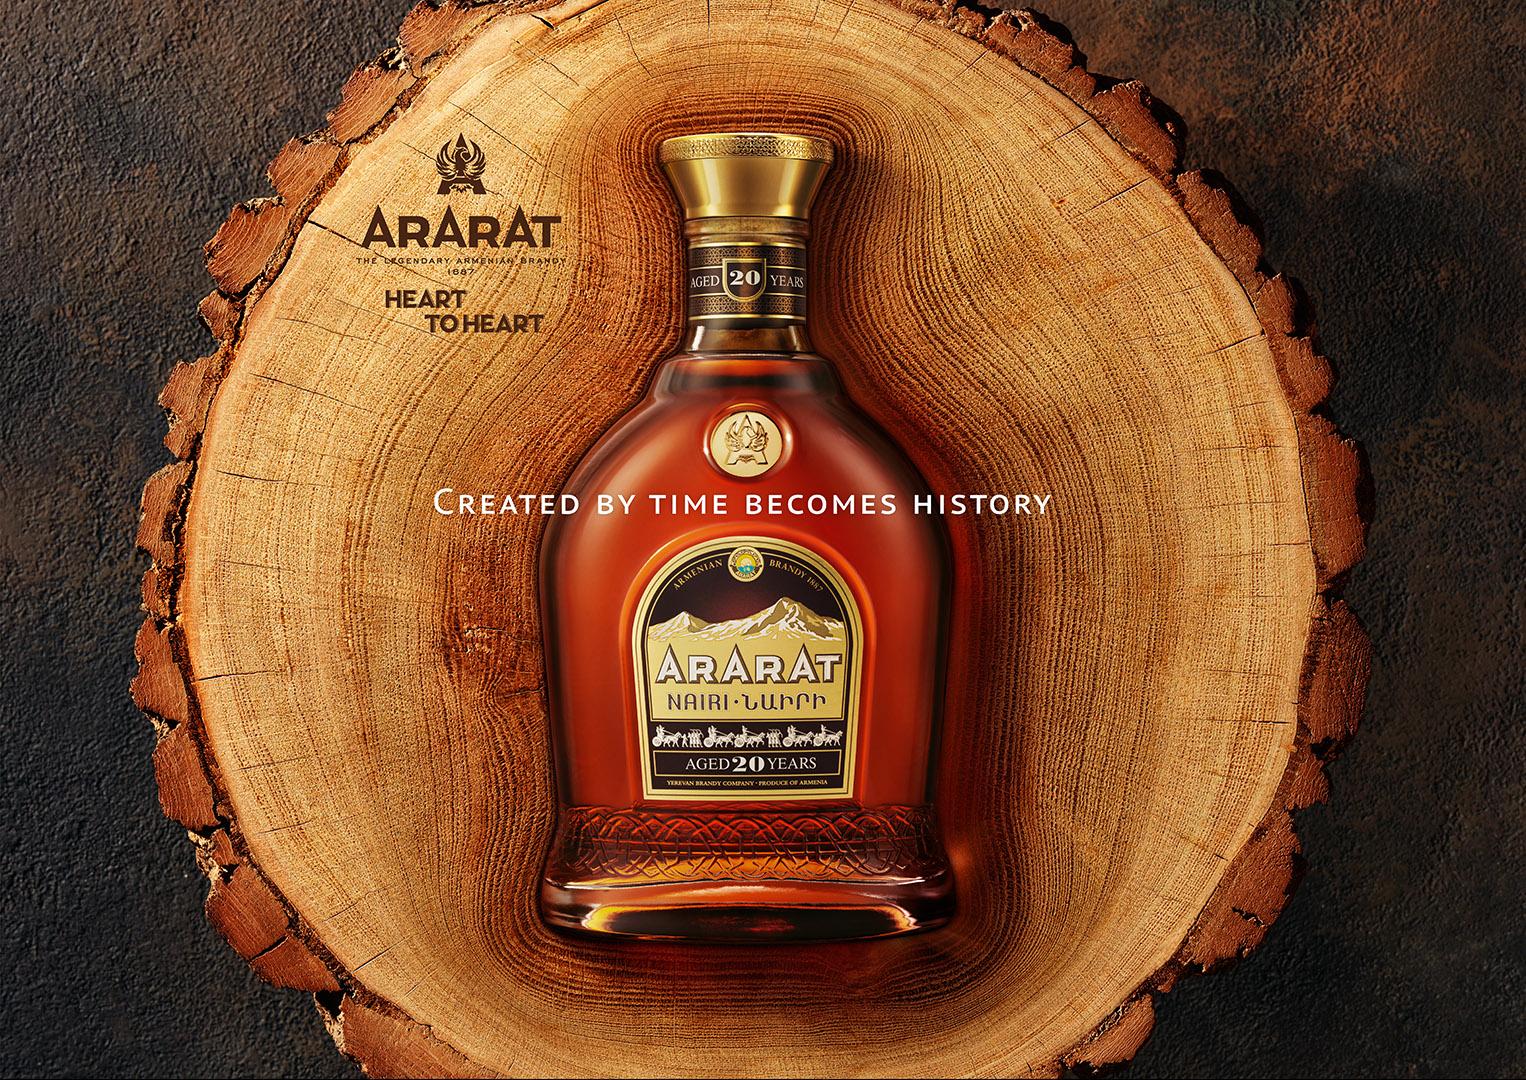 Հայաստանի սրտից․ ARARAT-ի նոր գովազդային արշավ՝ եռապատկեր վարպետության, բնության և ժամանակի մասին